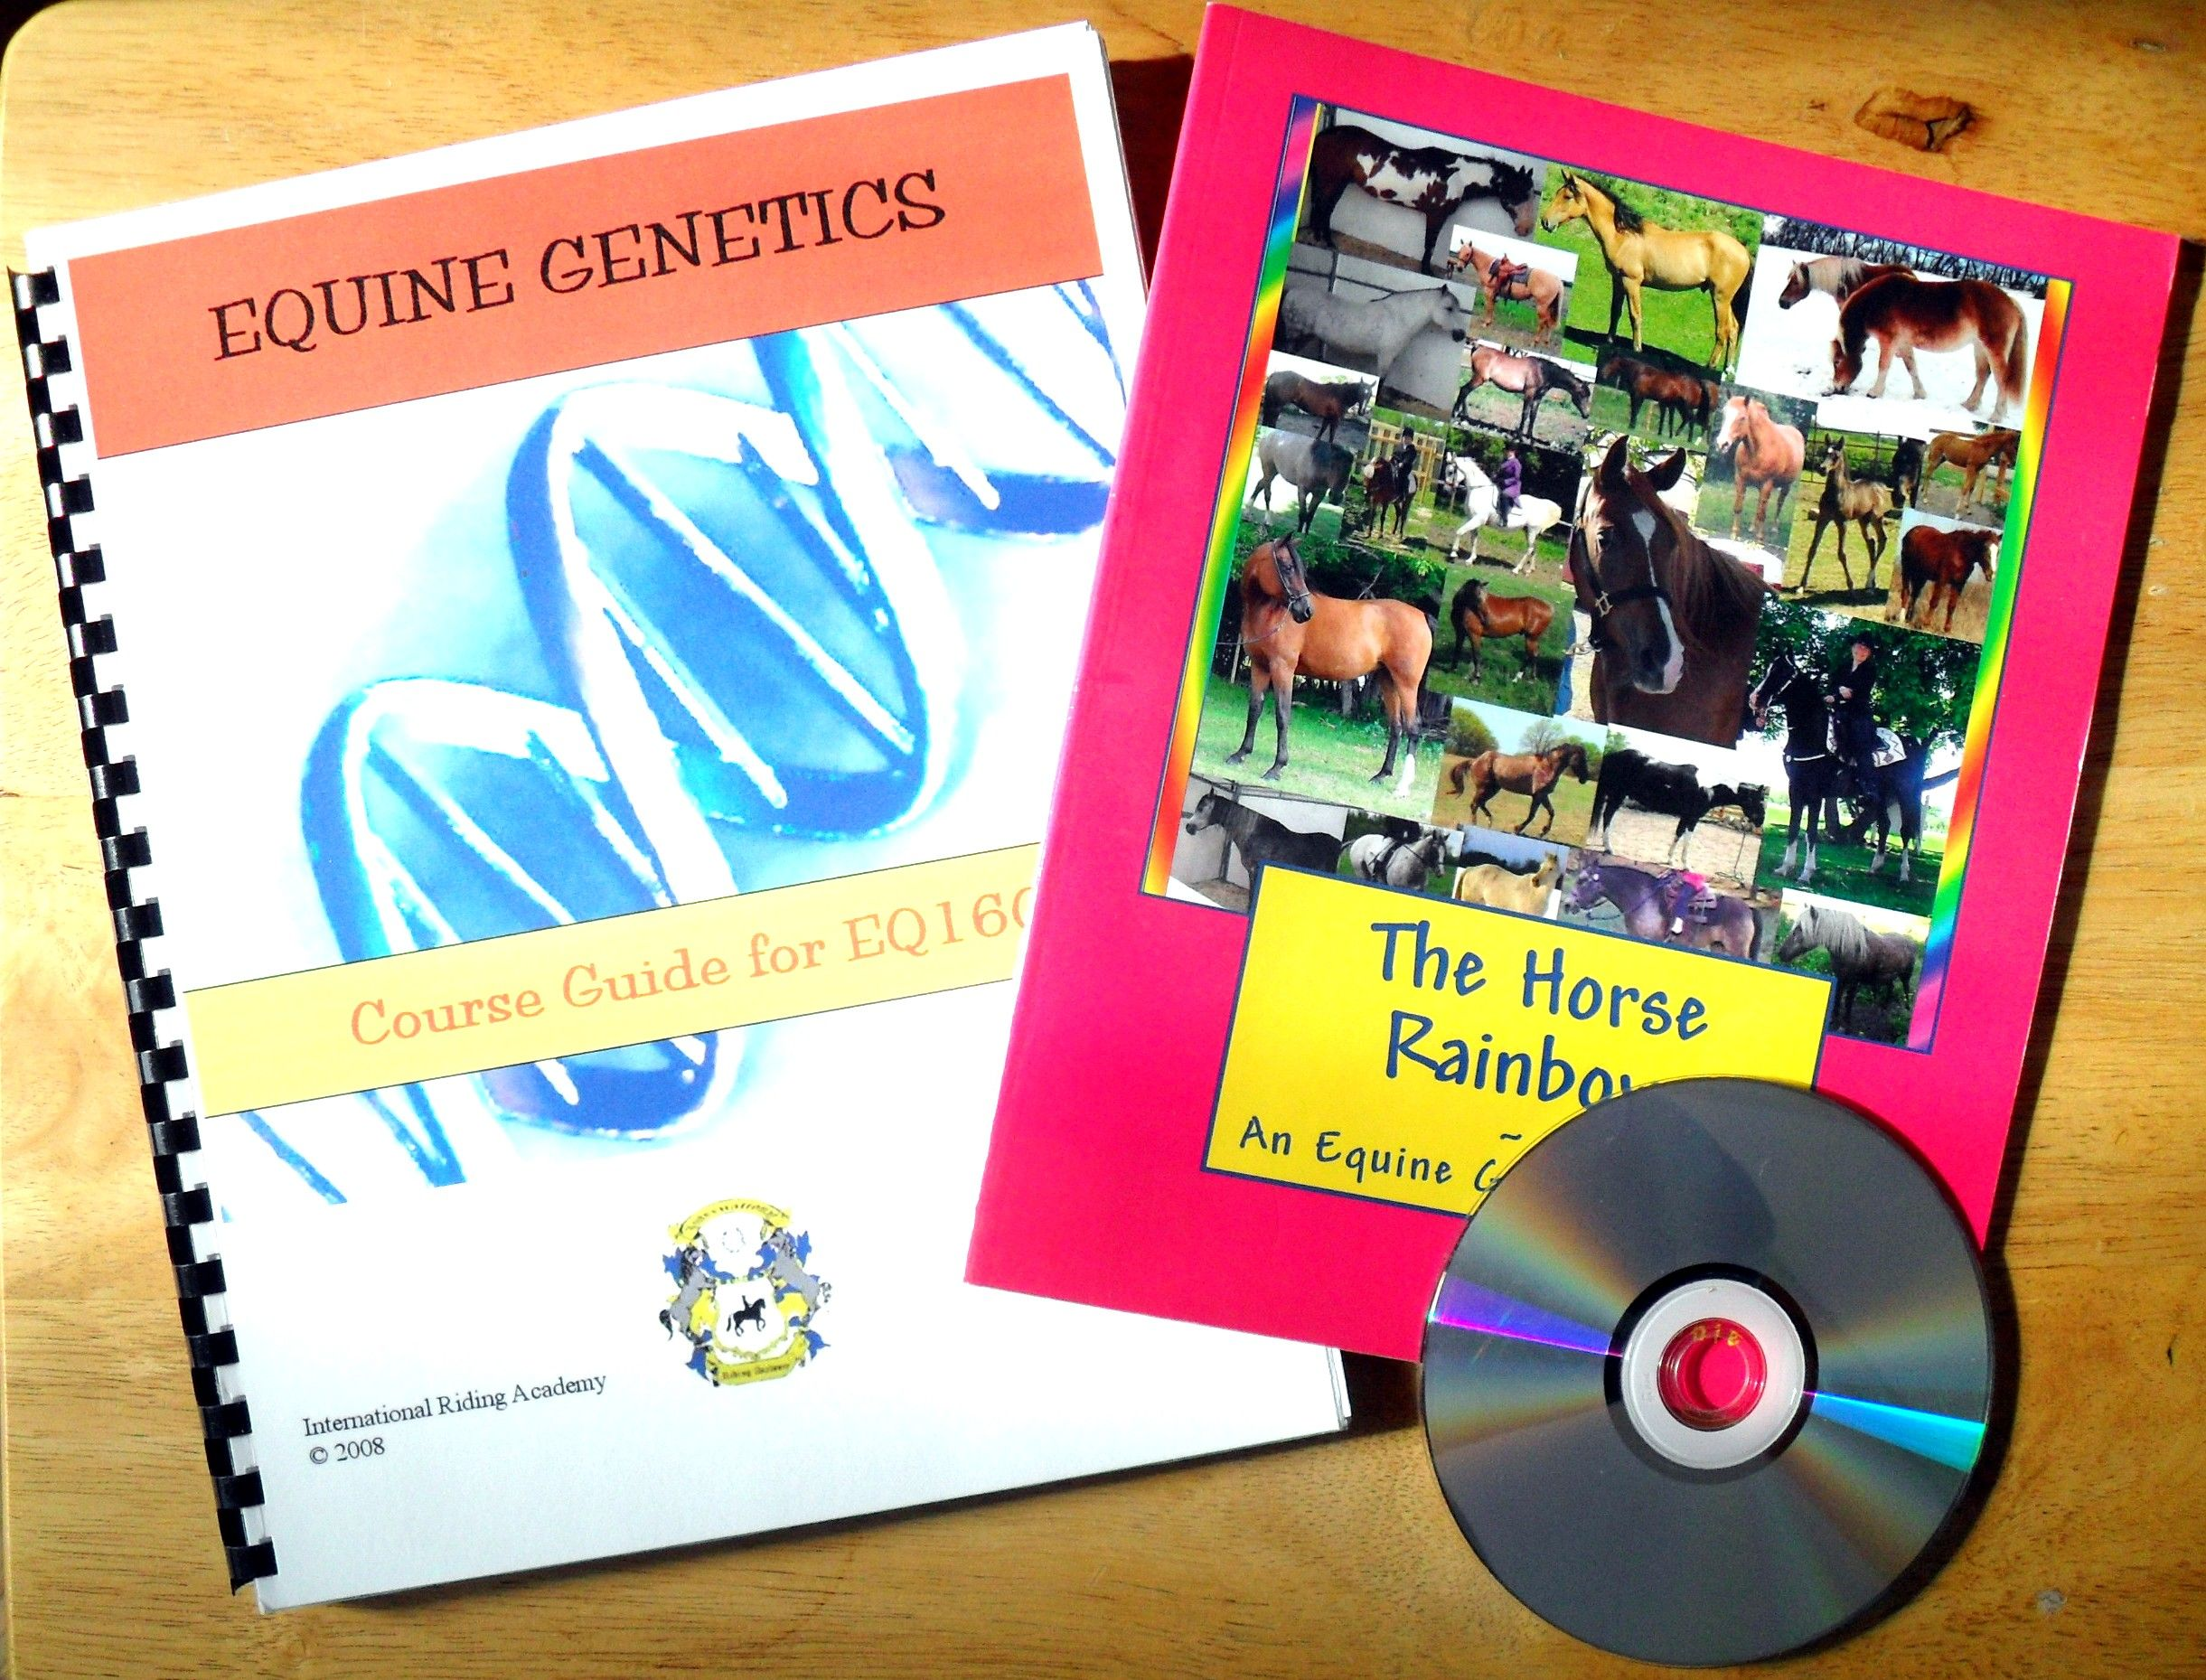 Equine Genetics Needed For Rider 3 Via Correspondence